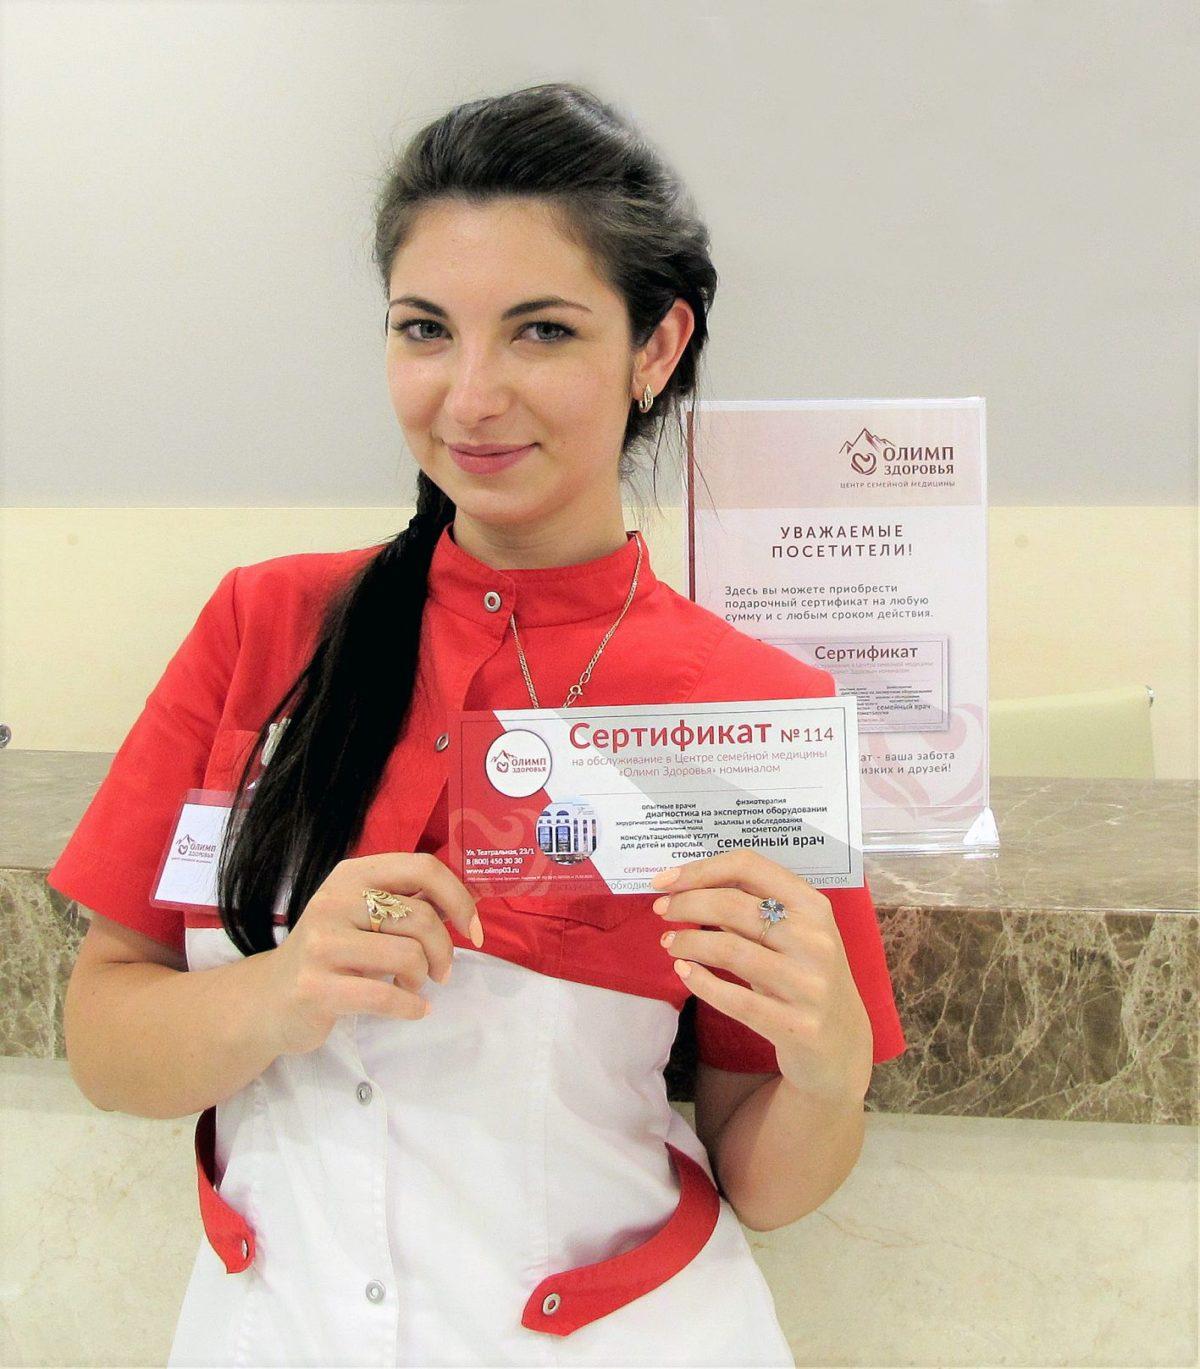 В «Олимпе Здоровья» можно приобрести подарочные сертификаты